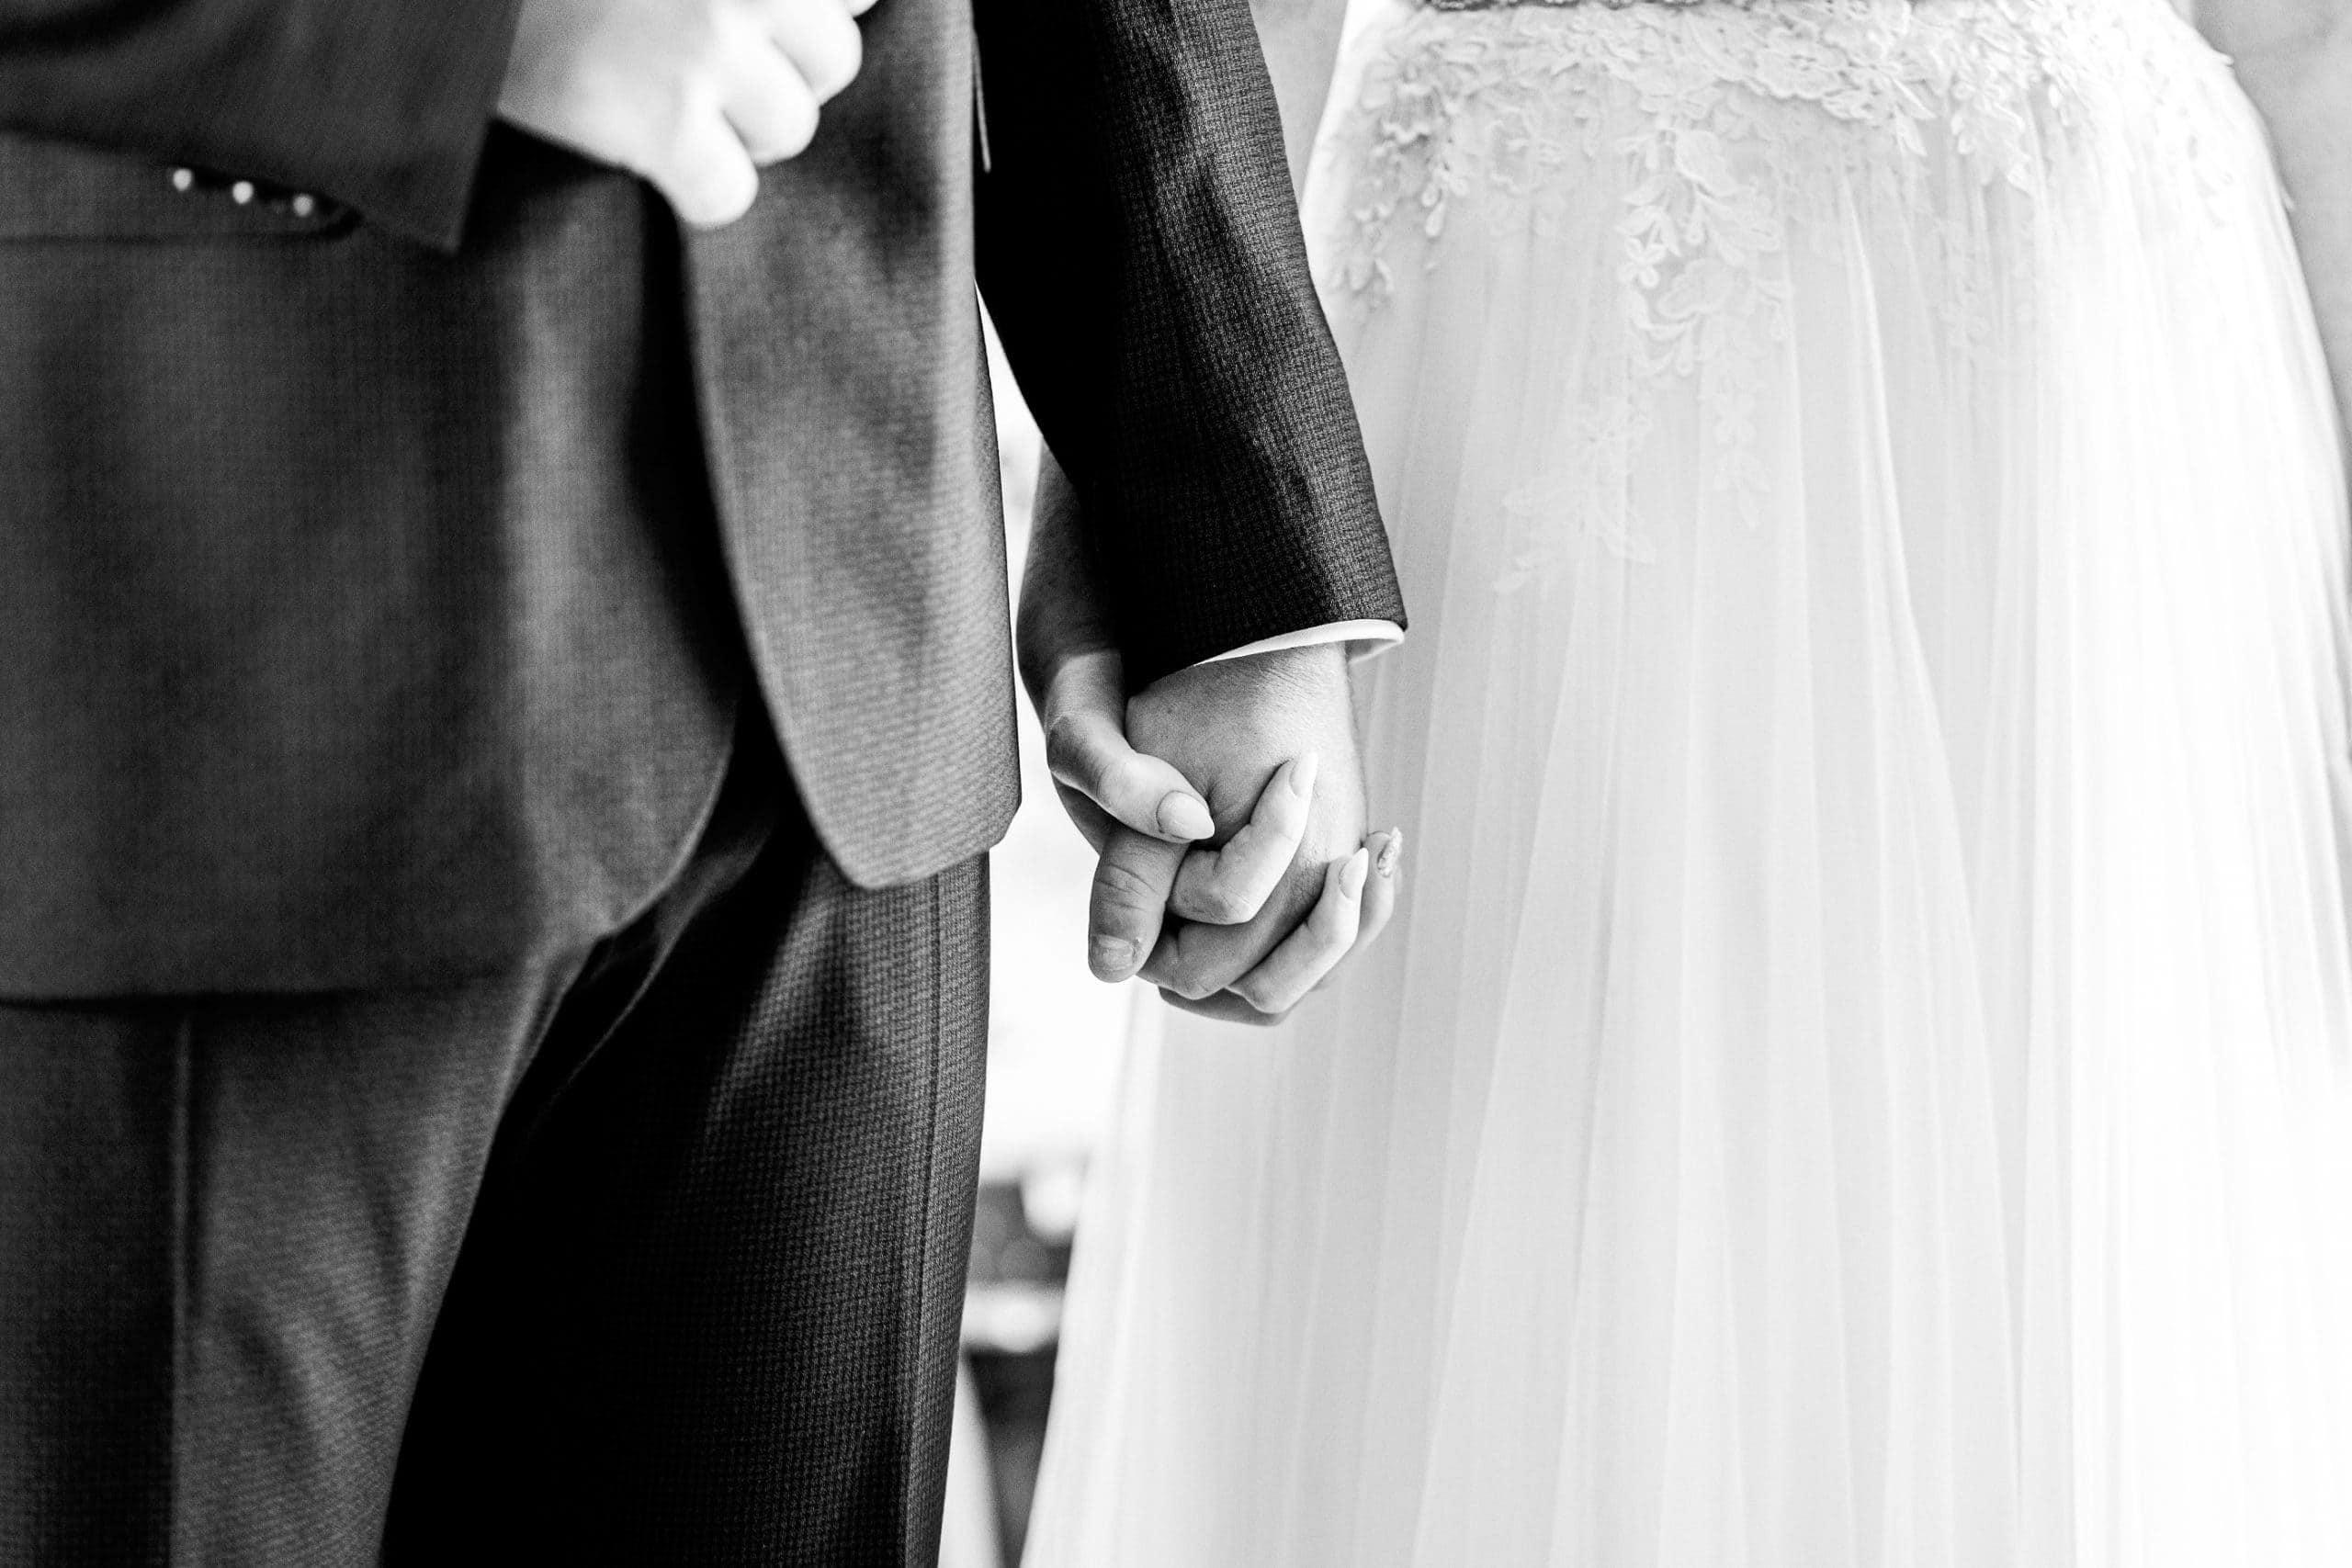 normanton-church-wedding-photography-11